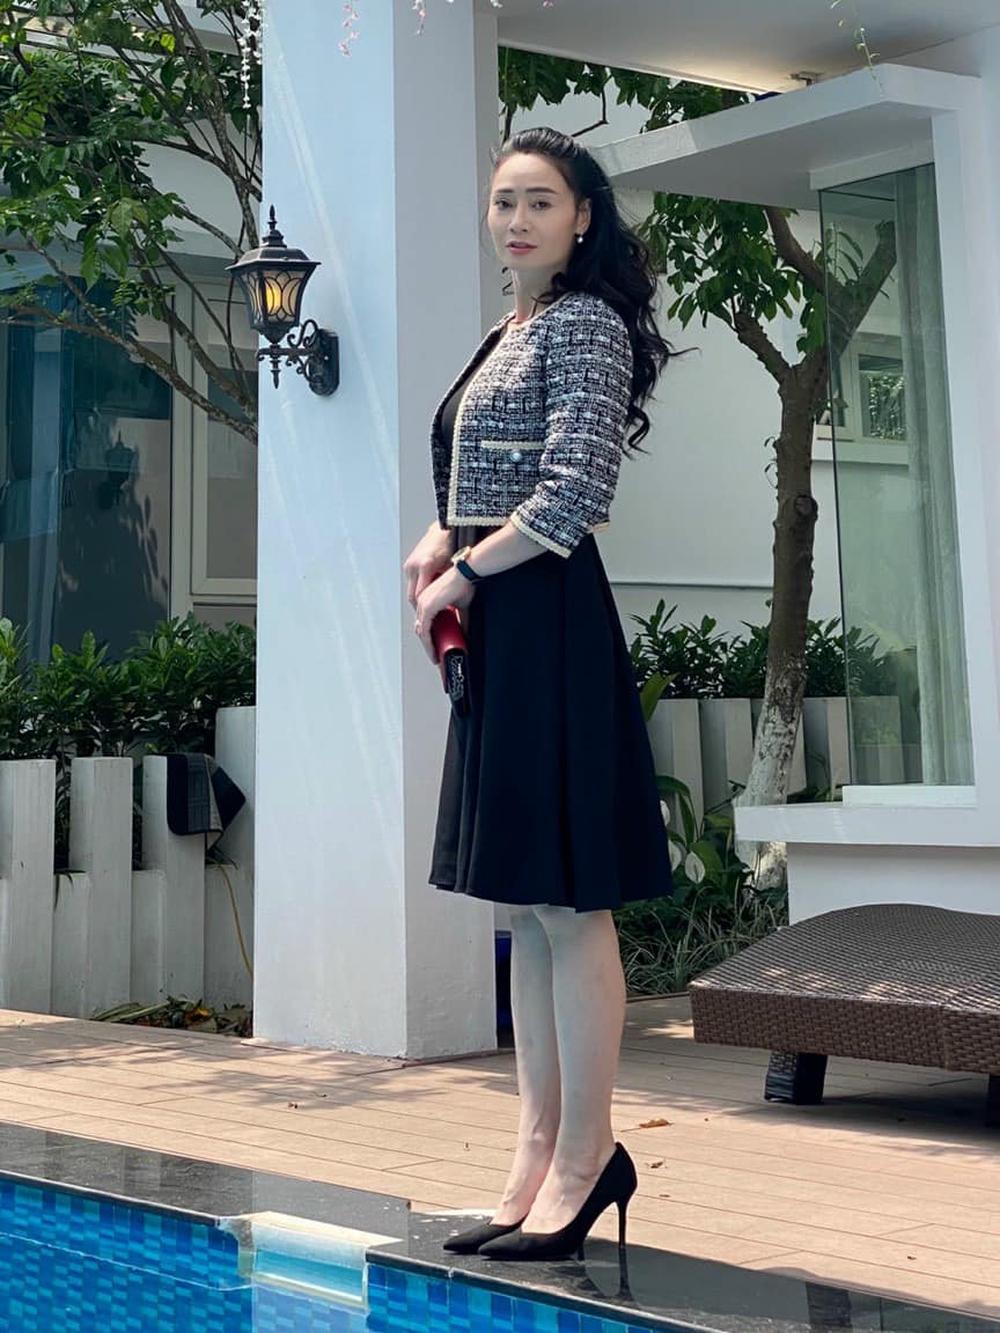 Nhan sắc U45 đài các nhưng không kém phần gợi cảm của bà Xuân Hương vị tình thân - Ảnh 4.